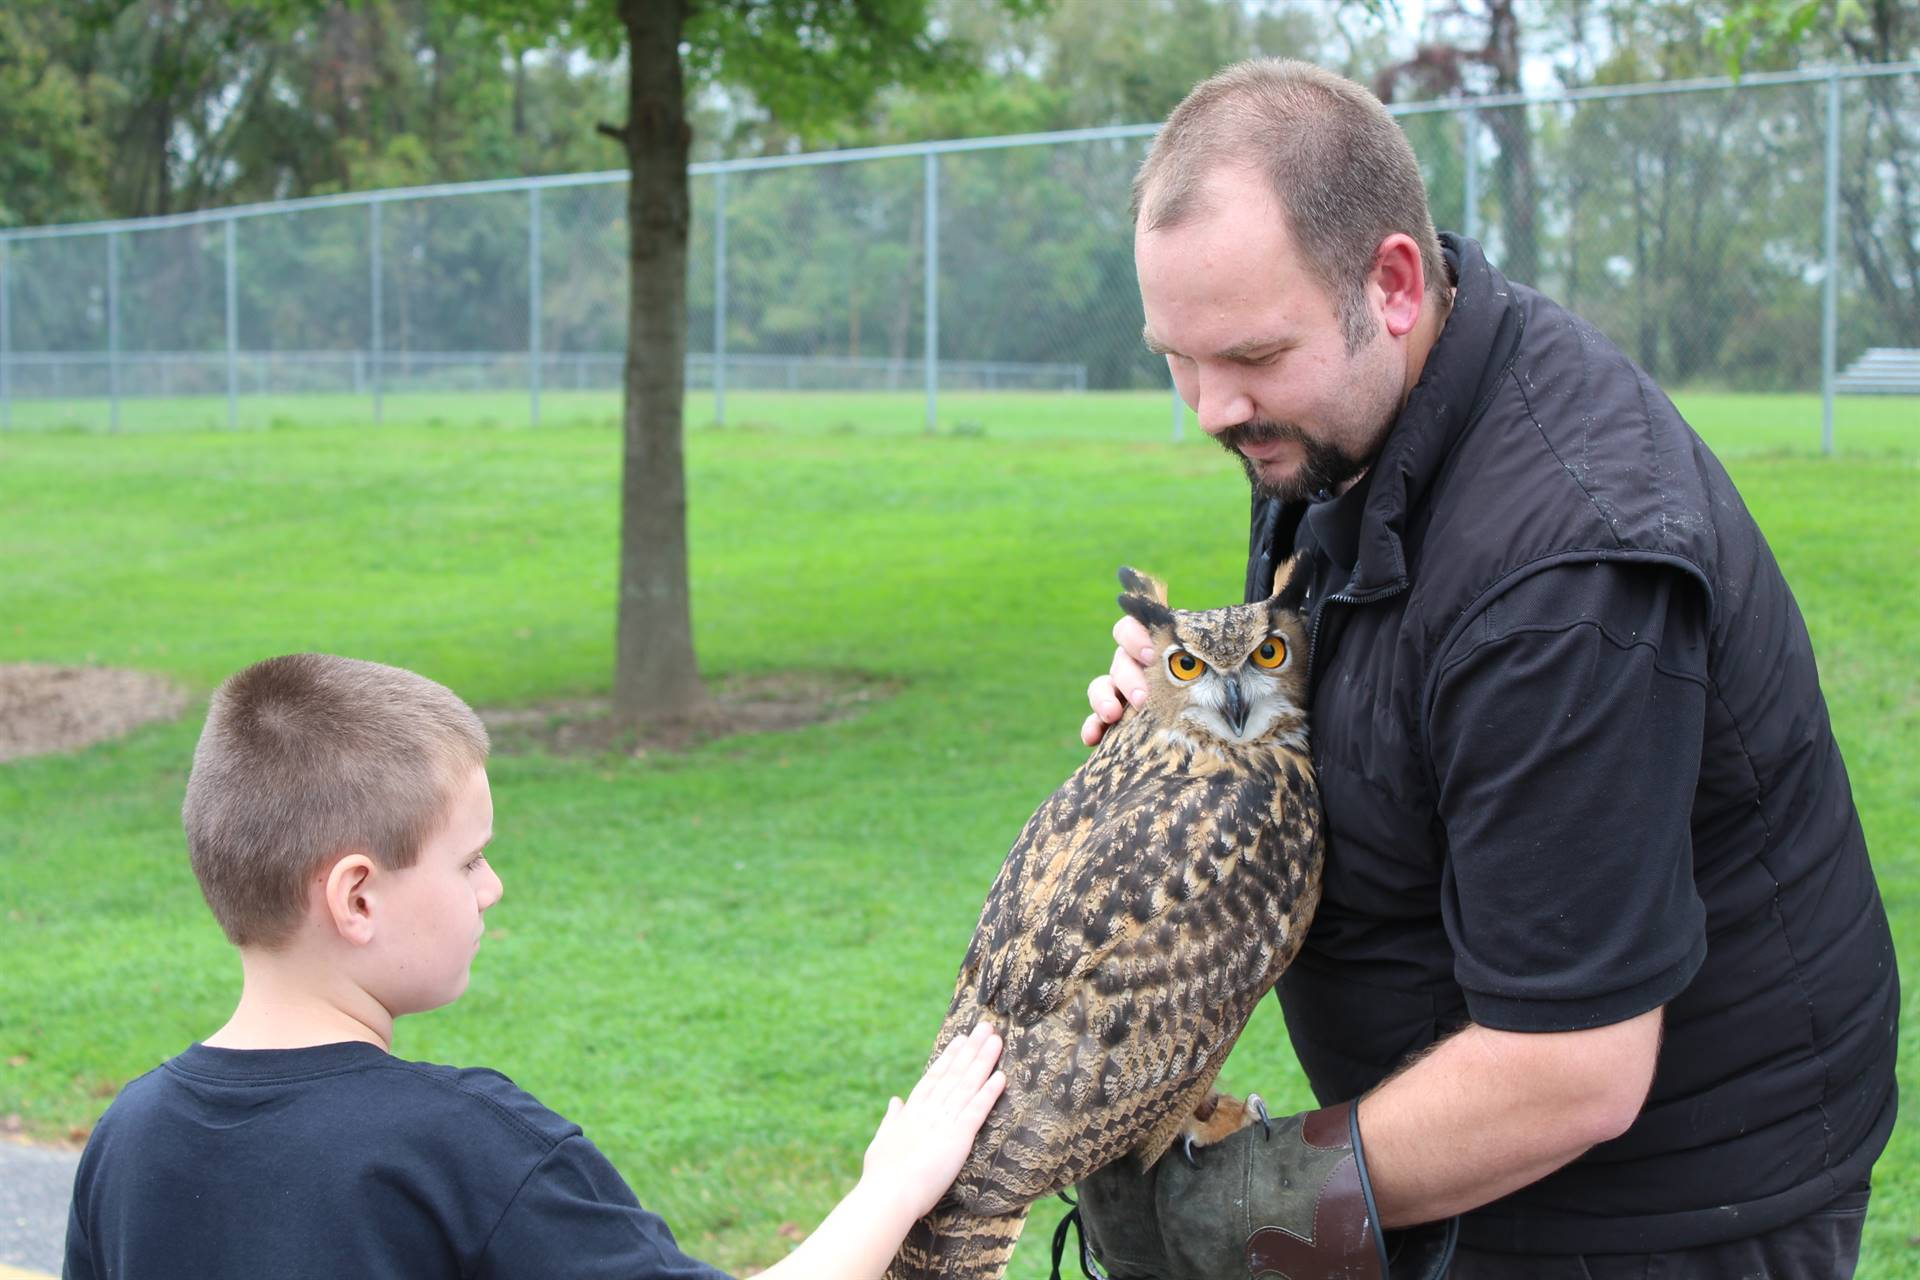 Student petting a Eurasian Eagle Owl